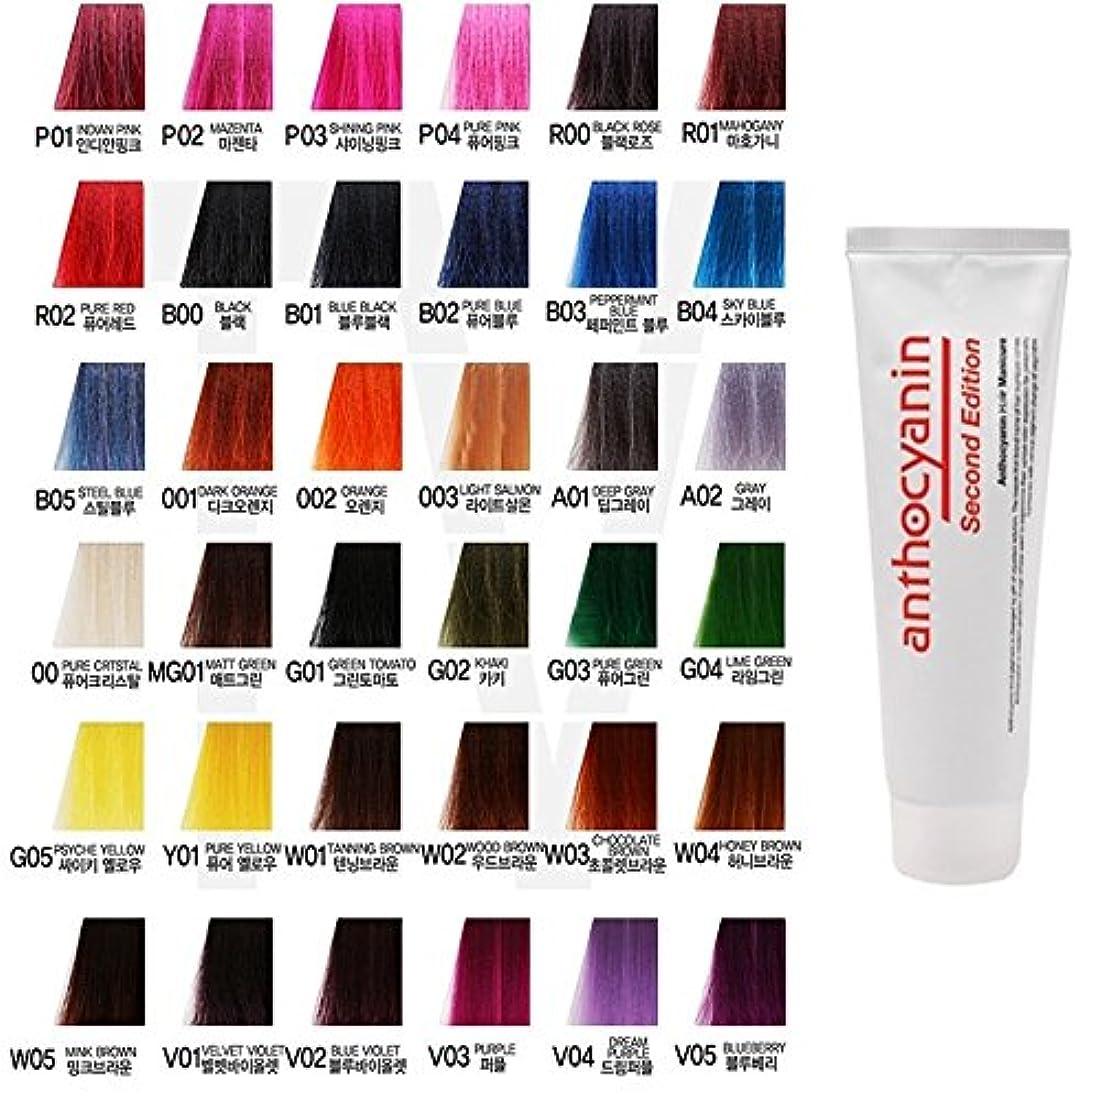 スズメバチ南ファンタジーヘア マニキュア カラー セカンド エディション 230g セミ パーマネント 染毛剤 ( Hair Manicure Color Second Edition 230g Semi Permanent Hair Dye) [並行輸入品] (A01 Deep Gray)